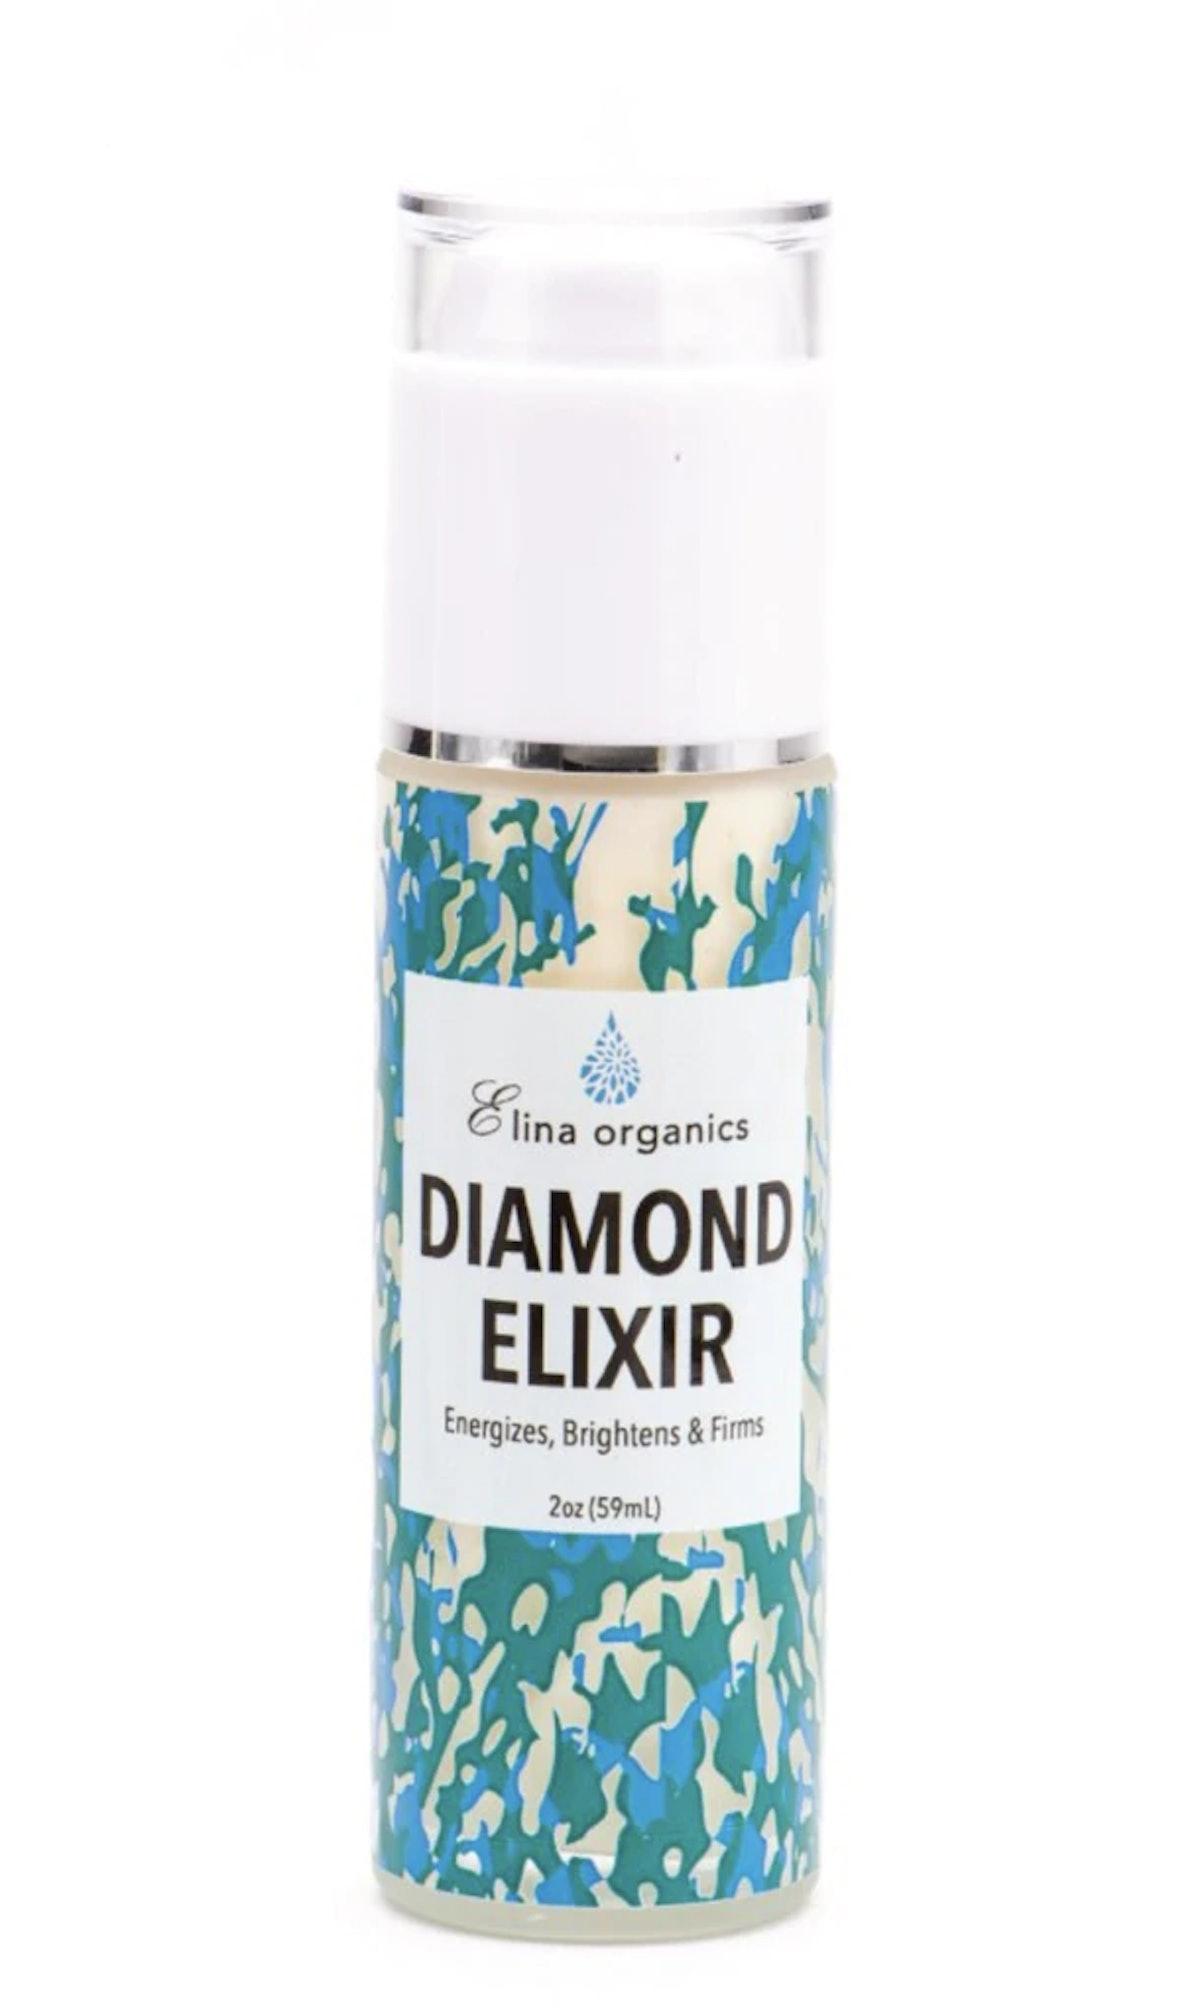 Diamond Elixir